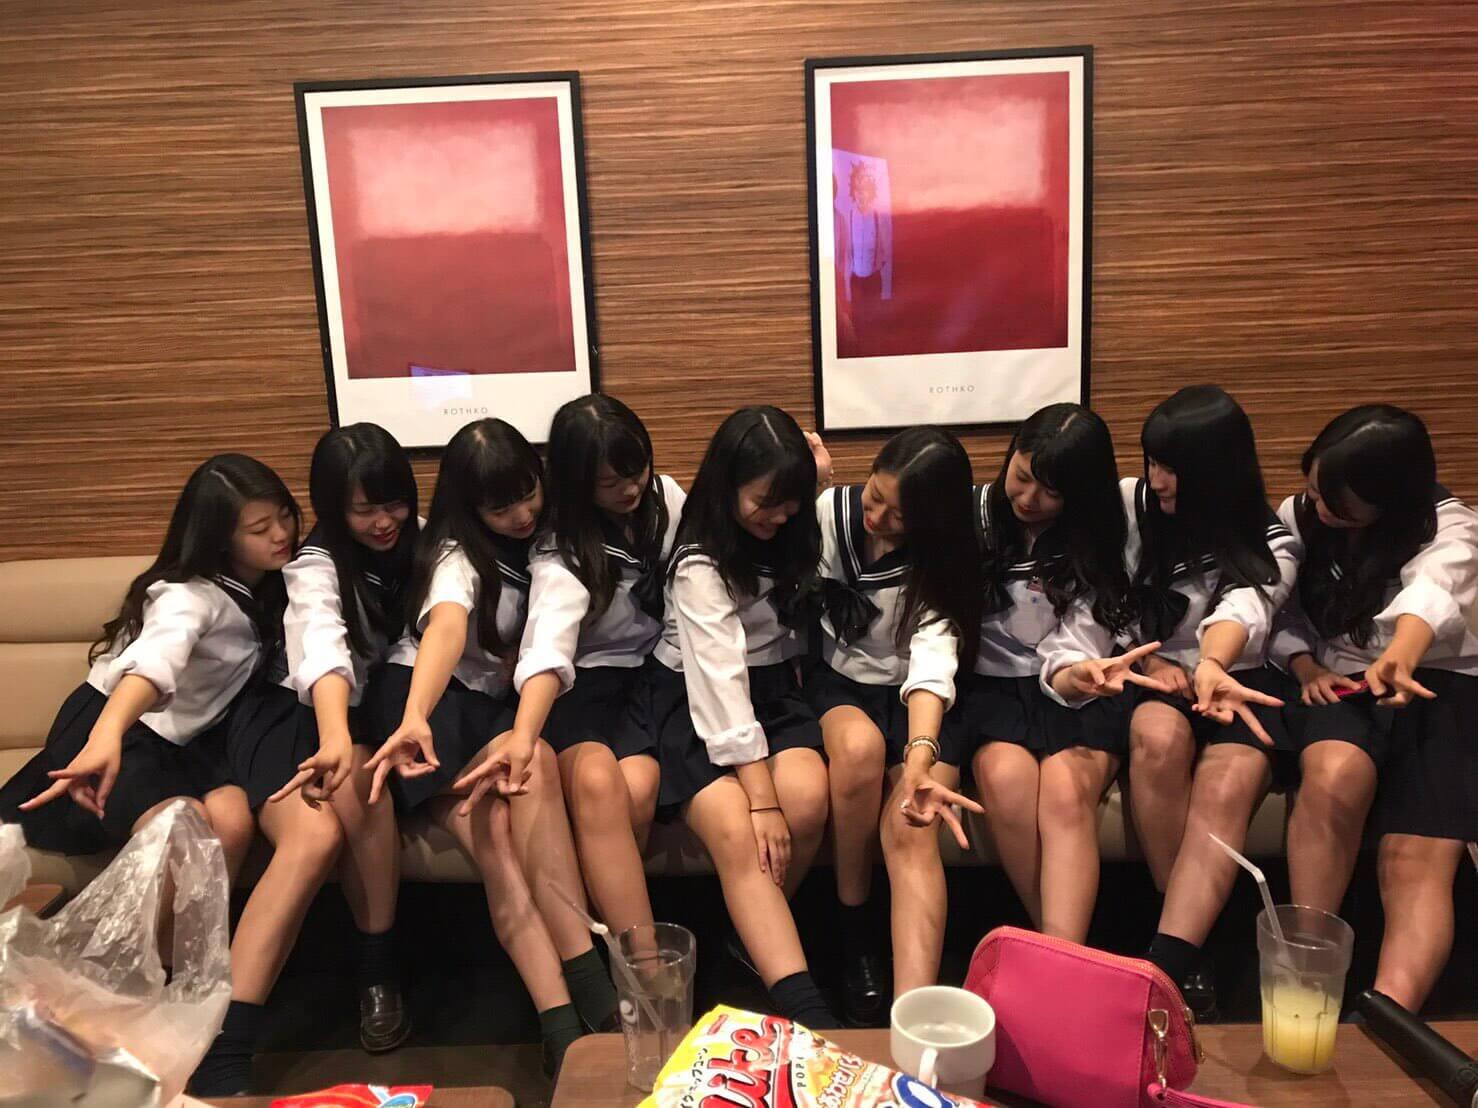 【画像】絶対良い匂いしかしない女子高生集合写真集